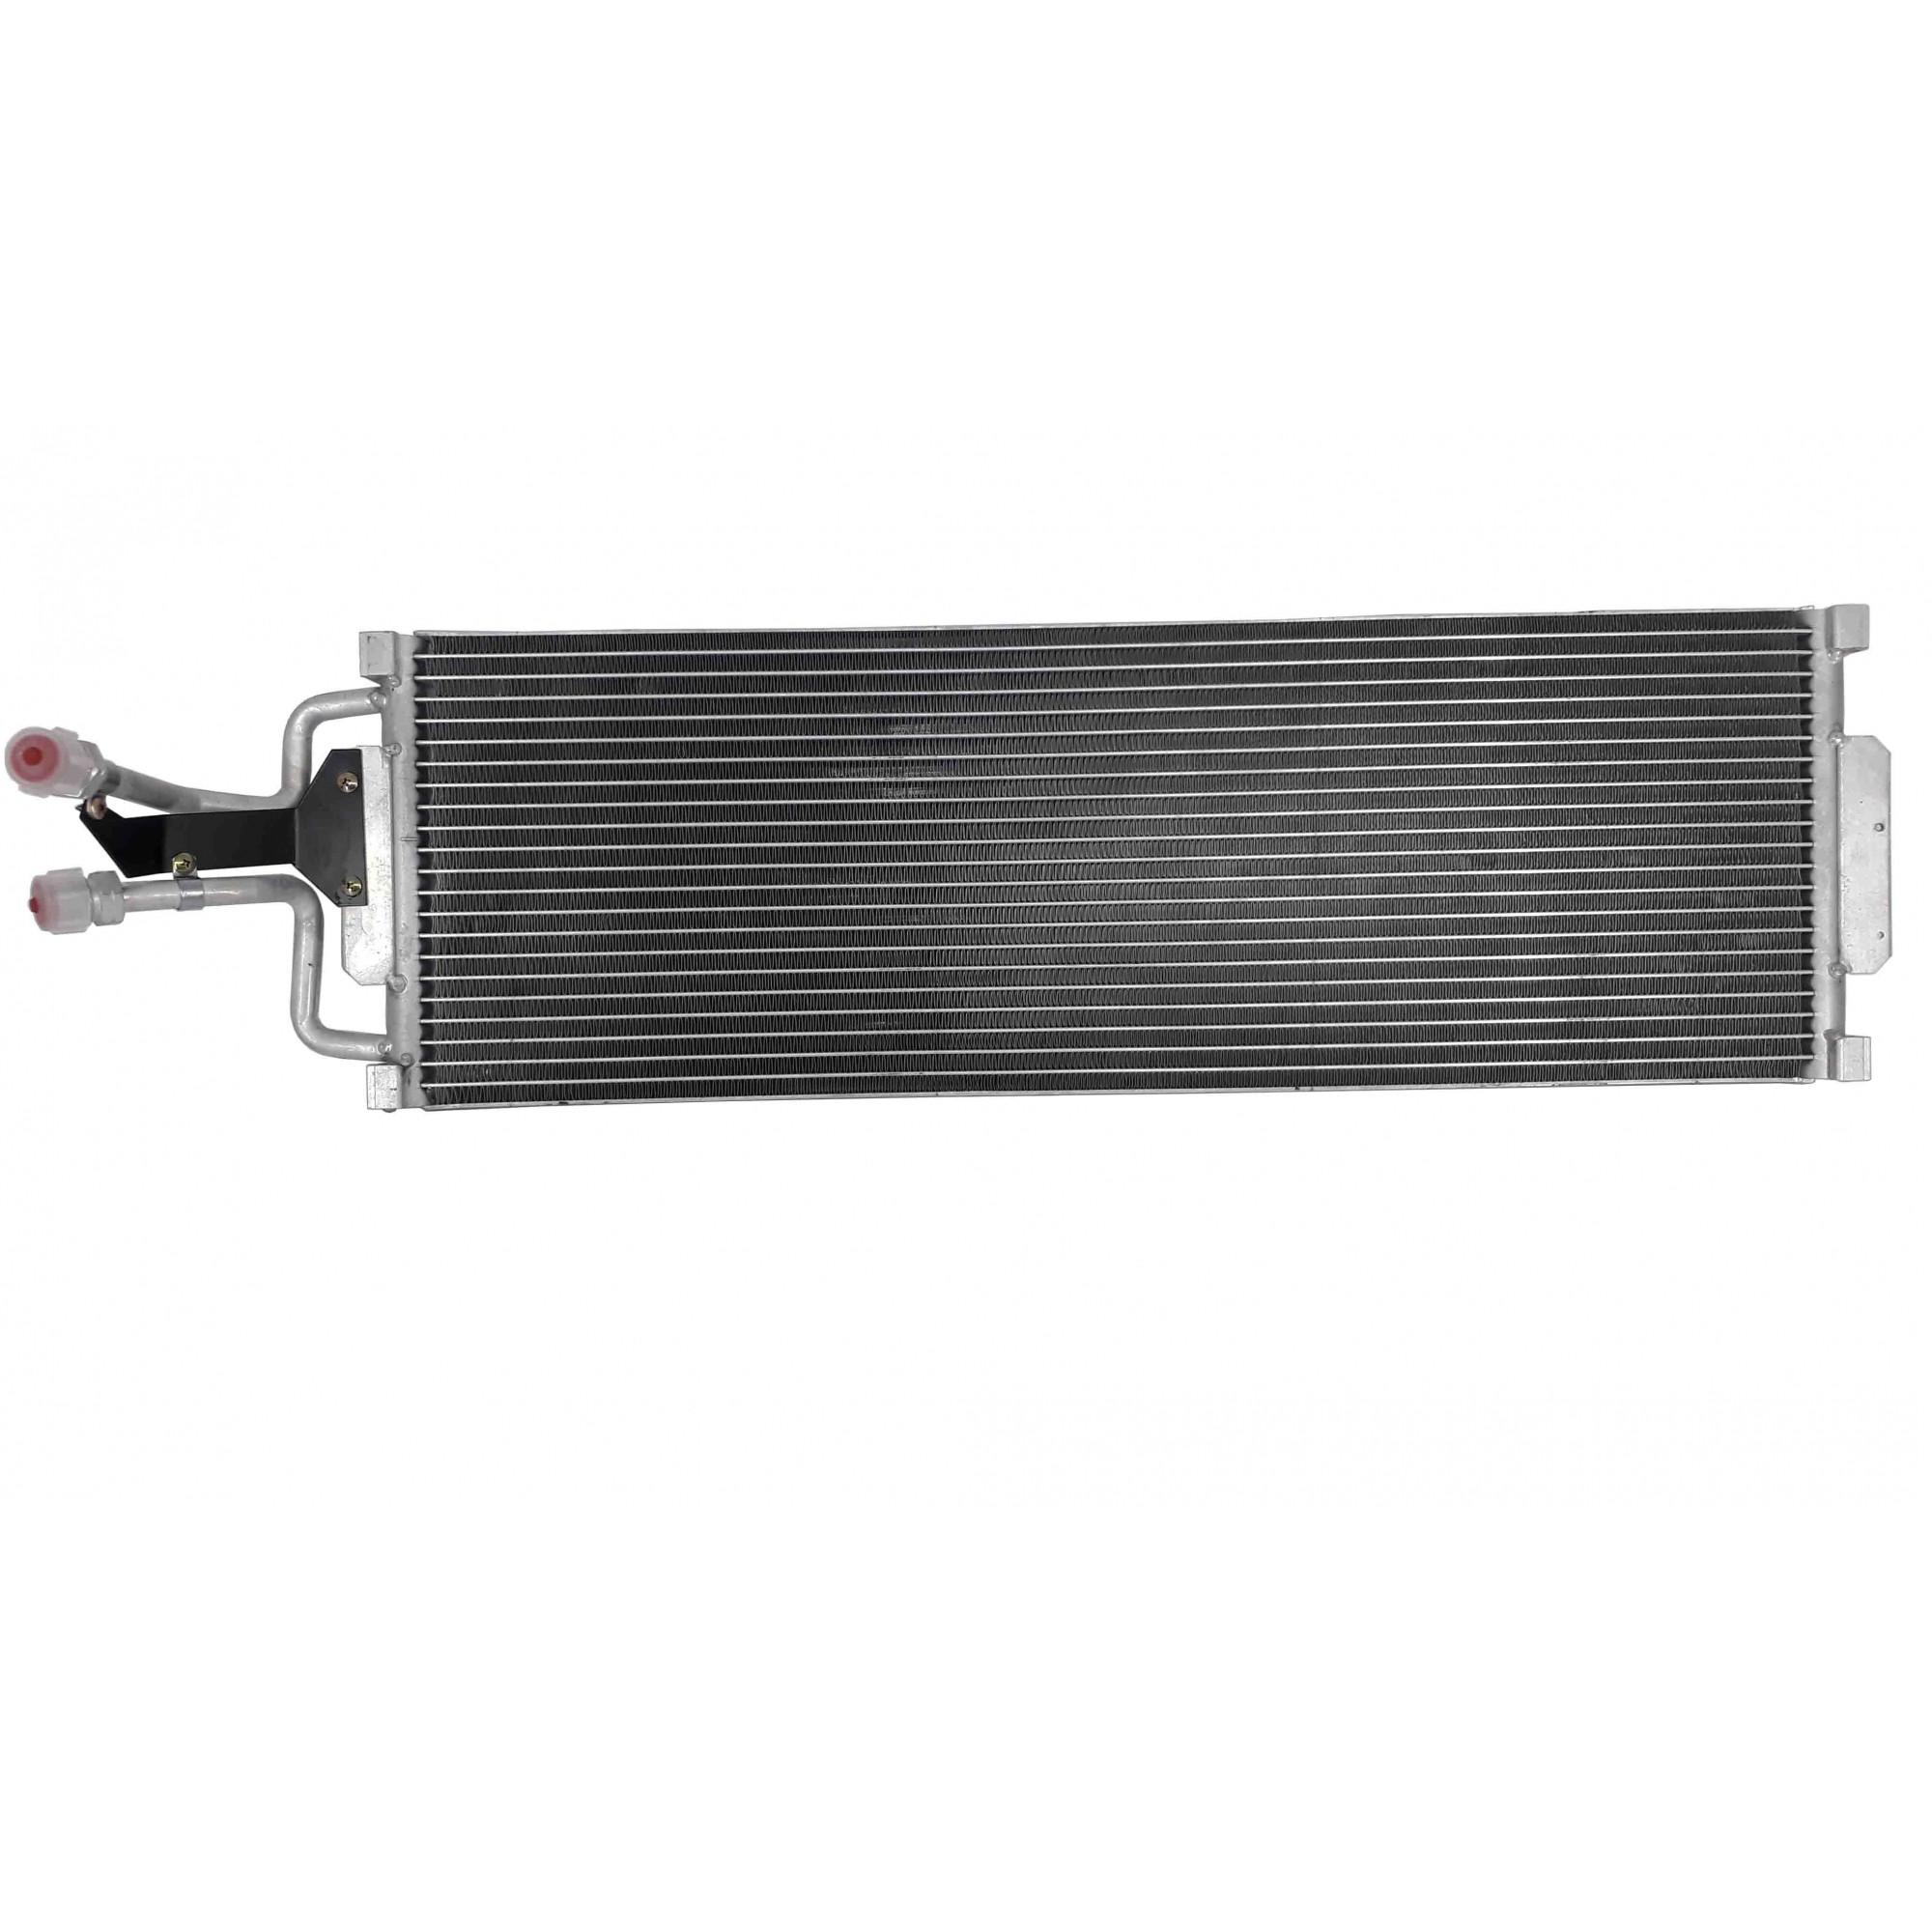 Condensador S10 / Blazer 2006 à 2012 - Original DENSO